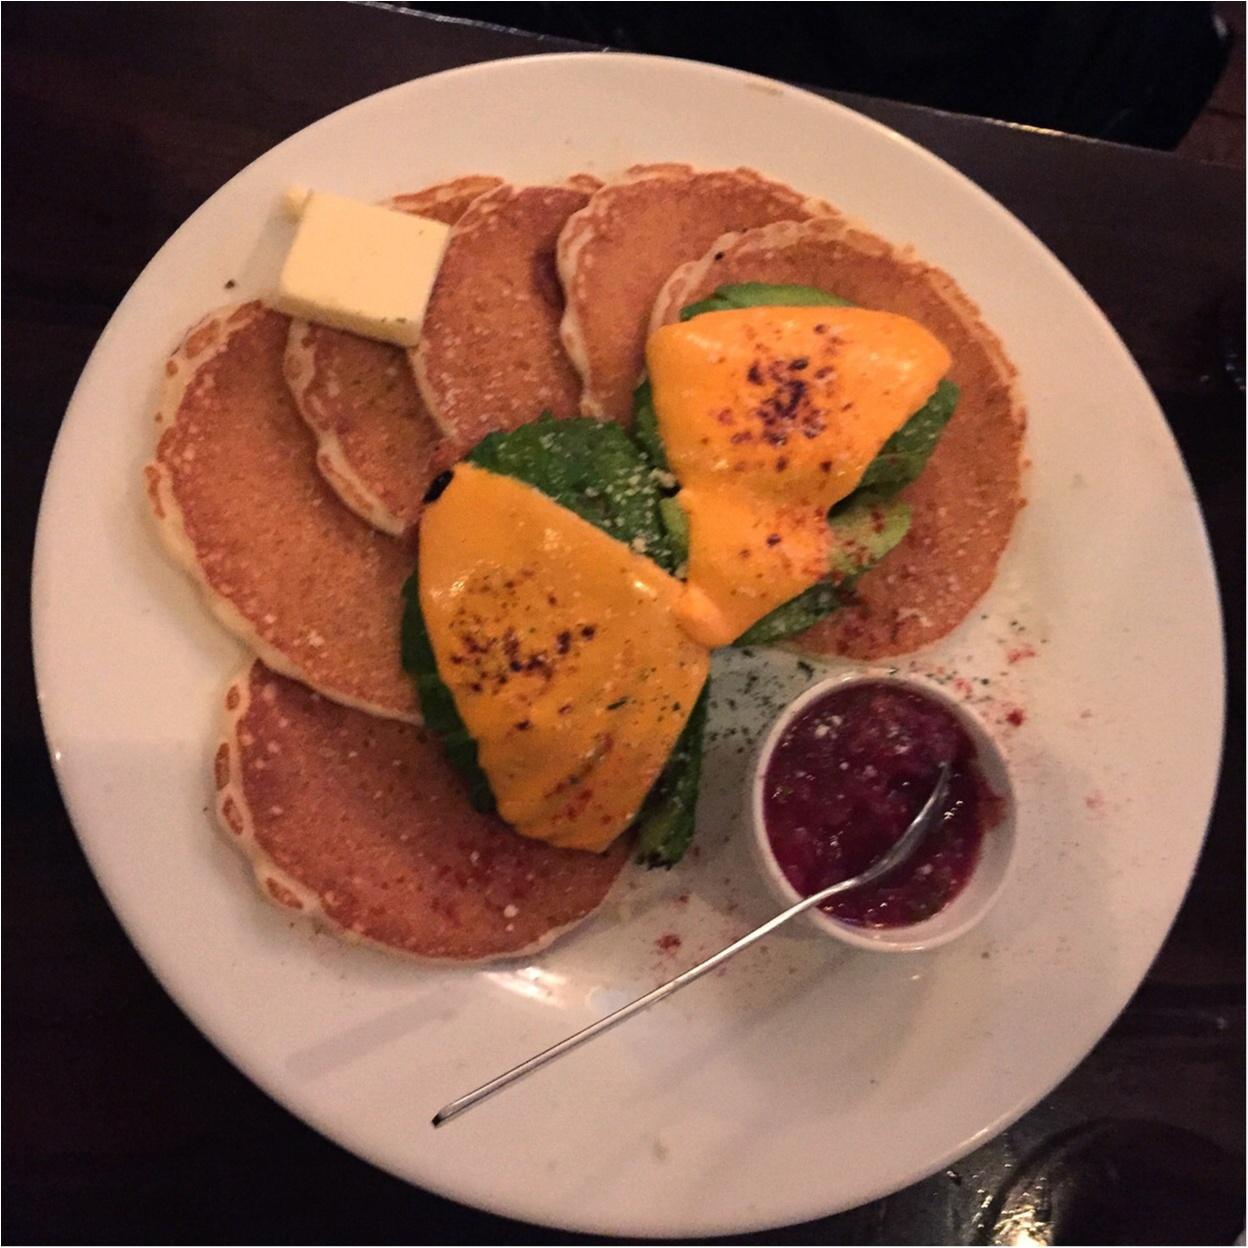 《*Cafe*》知る人ぞ知るパンケーキ専門店【Cafe Matilda】に行ってきました☆★_6